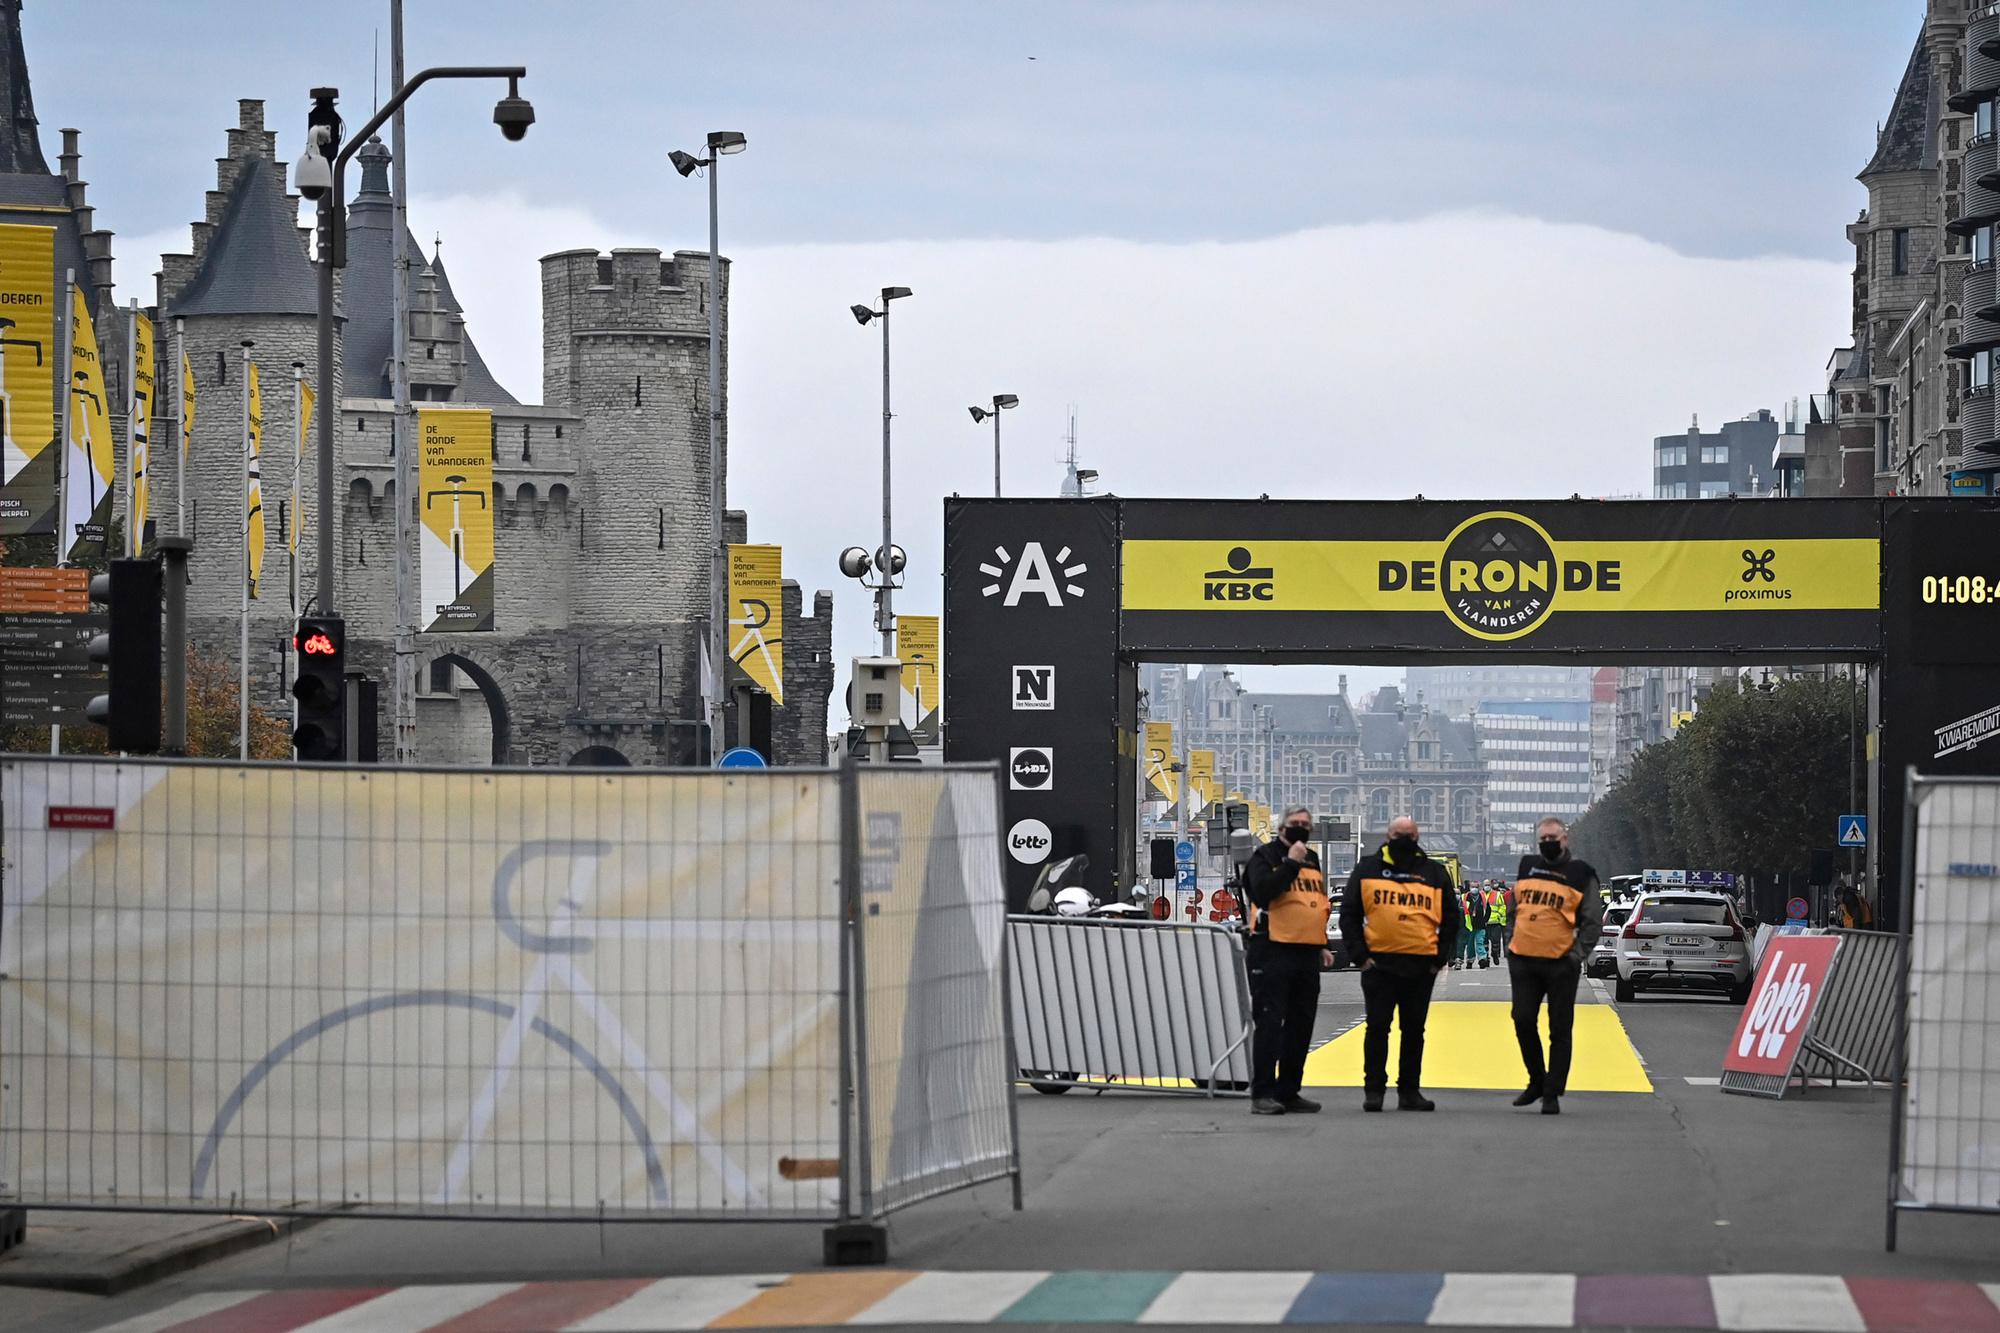 Het is stil op het Steenplein in Antwerpen, Belga Image